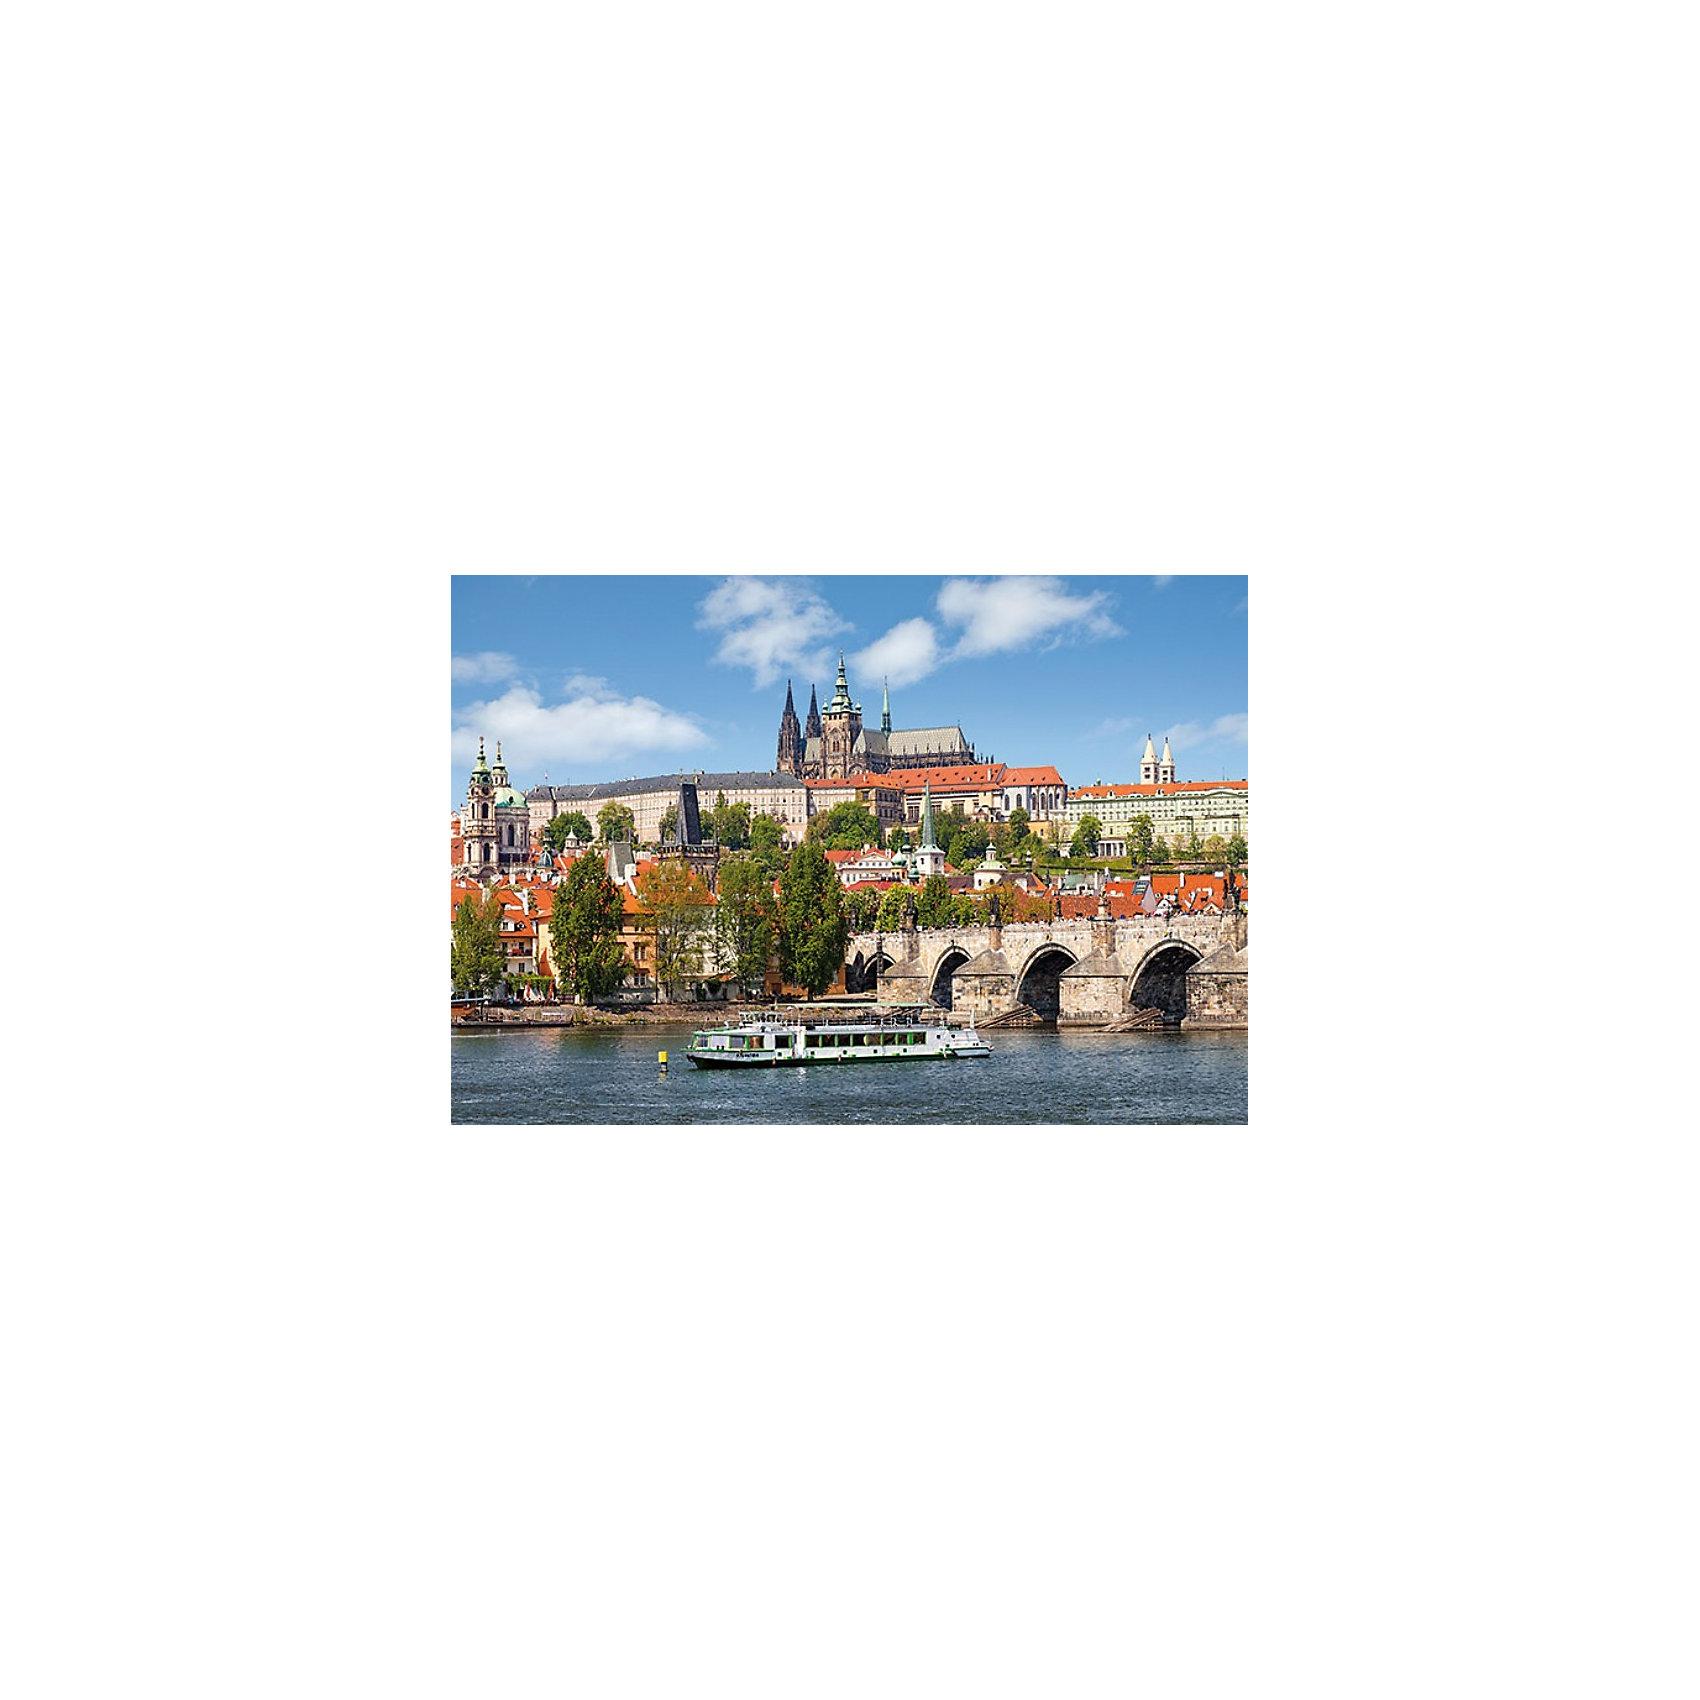 Пазлы Прага, Чехия, 1000 деталей, CastorlandПазлы для детей постарше<br>Пазлы Прага, Чехия, 1000 деталей  - яркий, красивый и качественный пазл от Castorland.<br><br>Дополнительная информация:<br><br>- Кол-во деталей: 1000 шт.<br>- Материал: картон.<br>- Размер собранной картинки: 68 х 47 см.<br>- Размеры: 350x250x53 мм.<br><br>Ширина мм: 350<br>Глубина мм: 50<br>Высота мм: 250<br>Вес г: 500<br>Возраст от месяцев: 168<br>Возраст до месяцев: 1188<br>Пол: Унисекс<br>Возраст: Детский<br>Количество деталей: 1000<br>SKU: 2562323